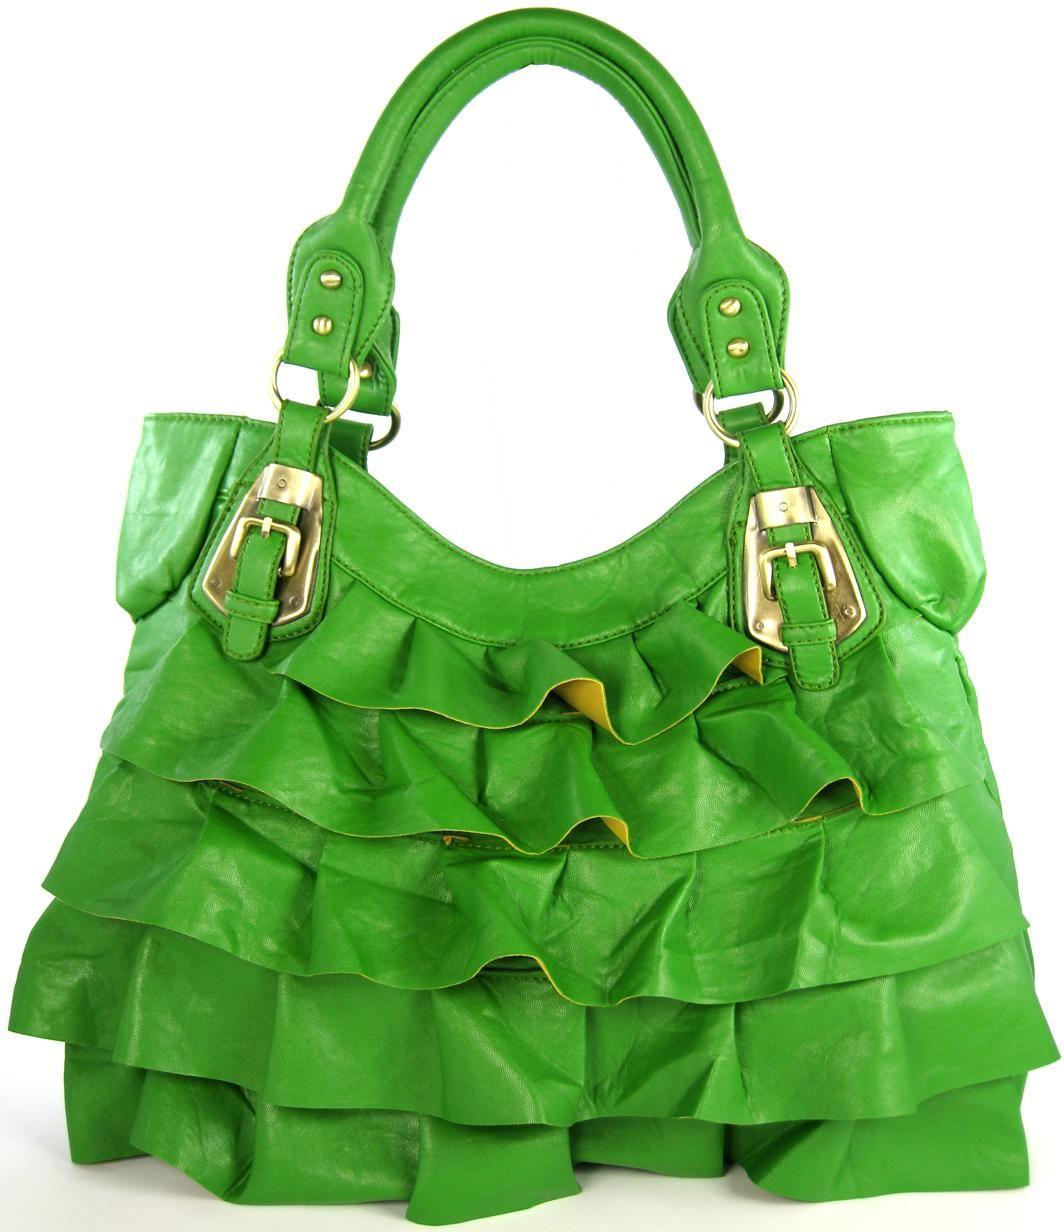 Farb-und Stilberatung mit www.farben-reich.com - Green Fashion ...